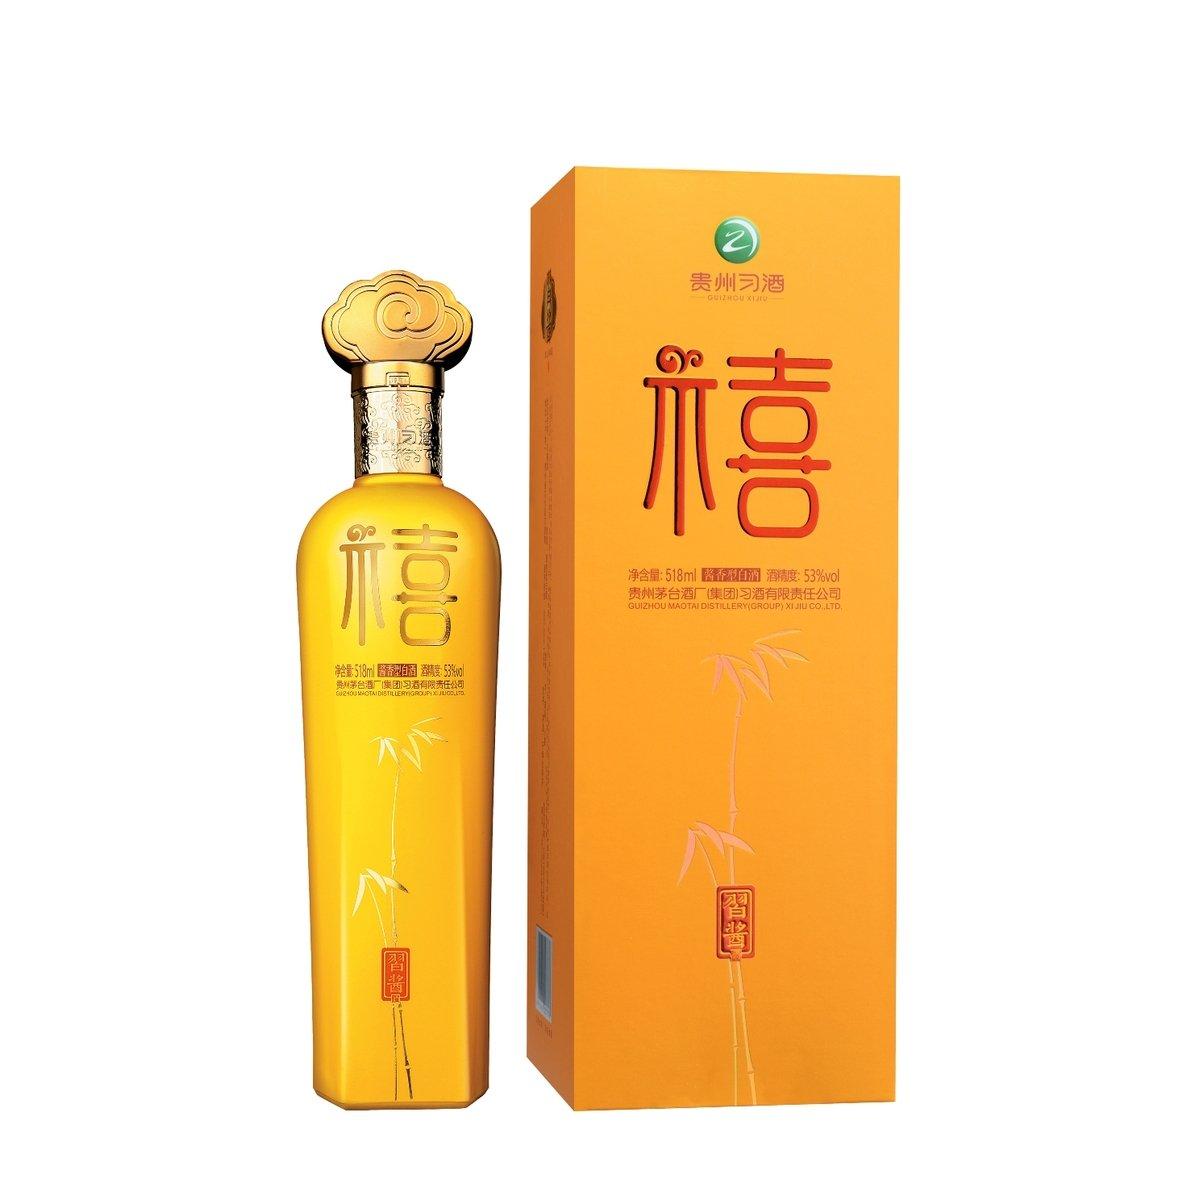 習醬福禧518 毫升 53% 酒精度 醬香型白酒